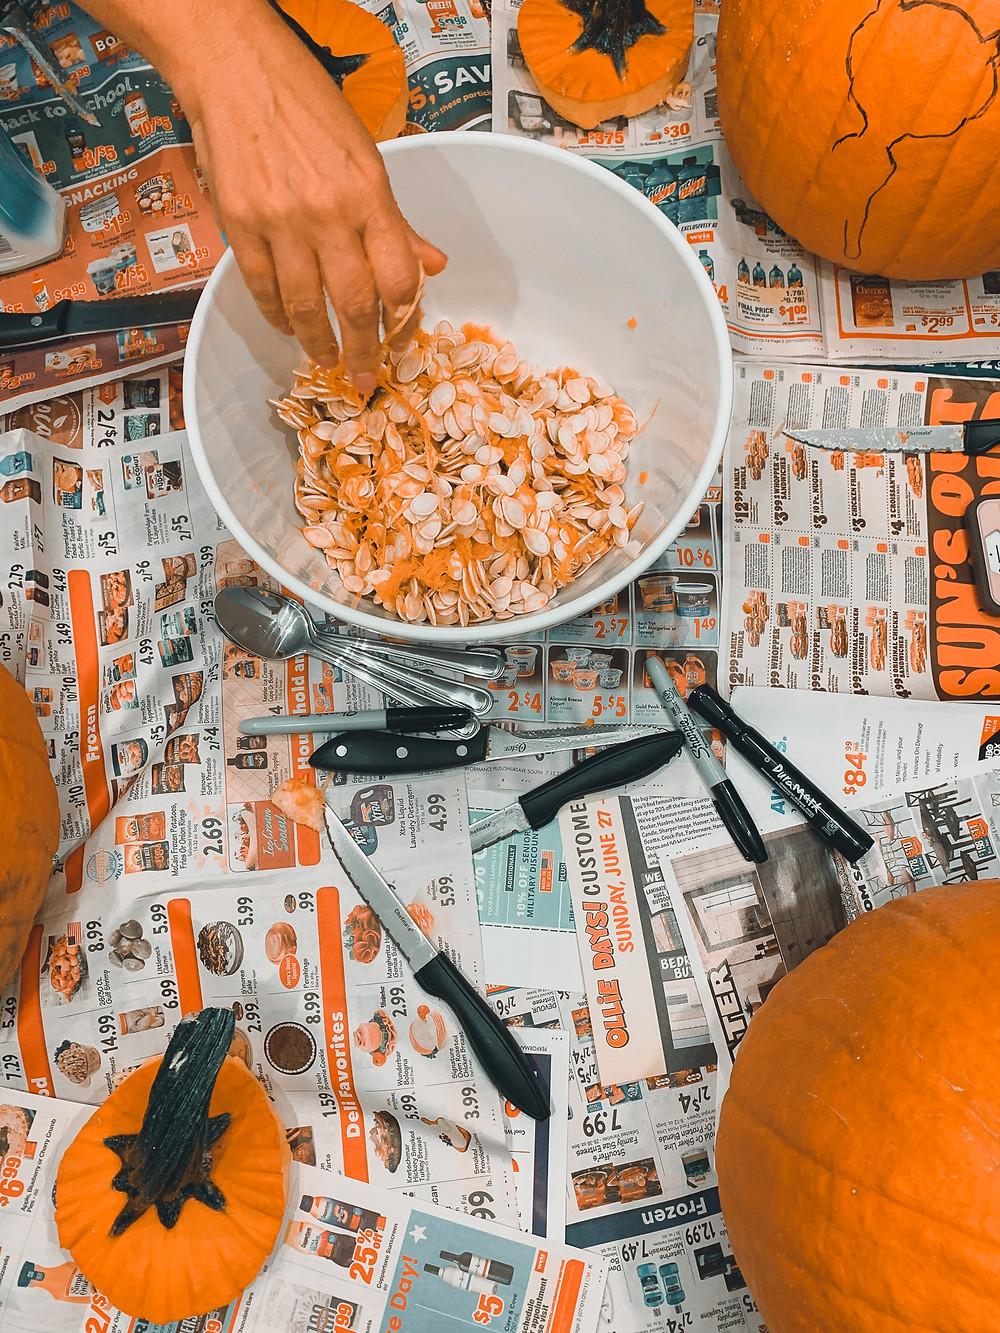 pumpkin carving newspaper orange pumpkin pumpkin seeds hand white bowl pumpkin stem knife knives newspaper markers sharpies